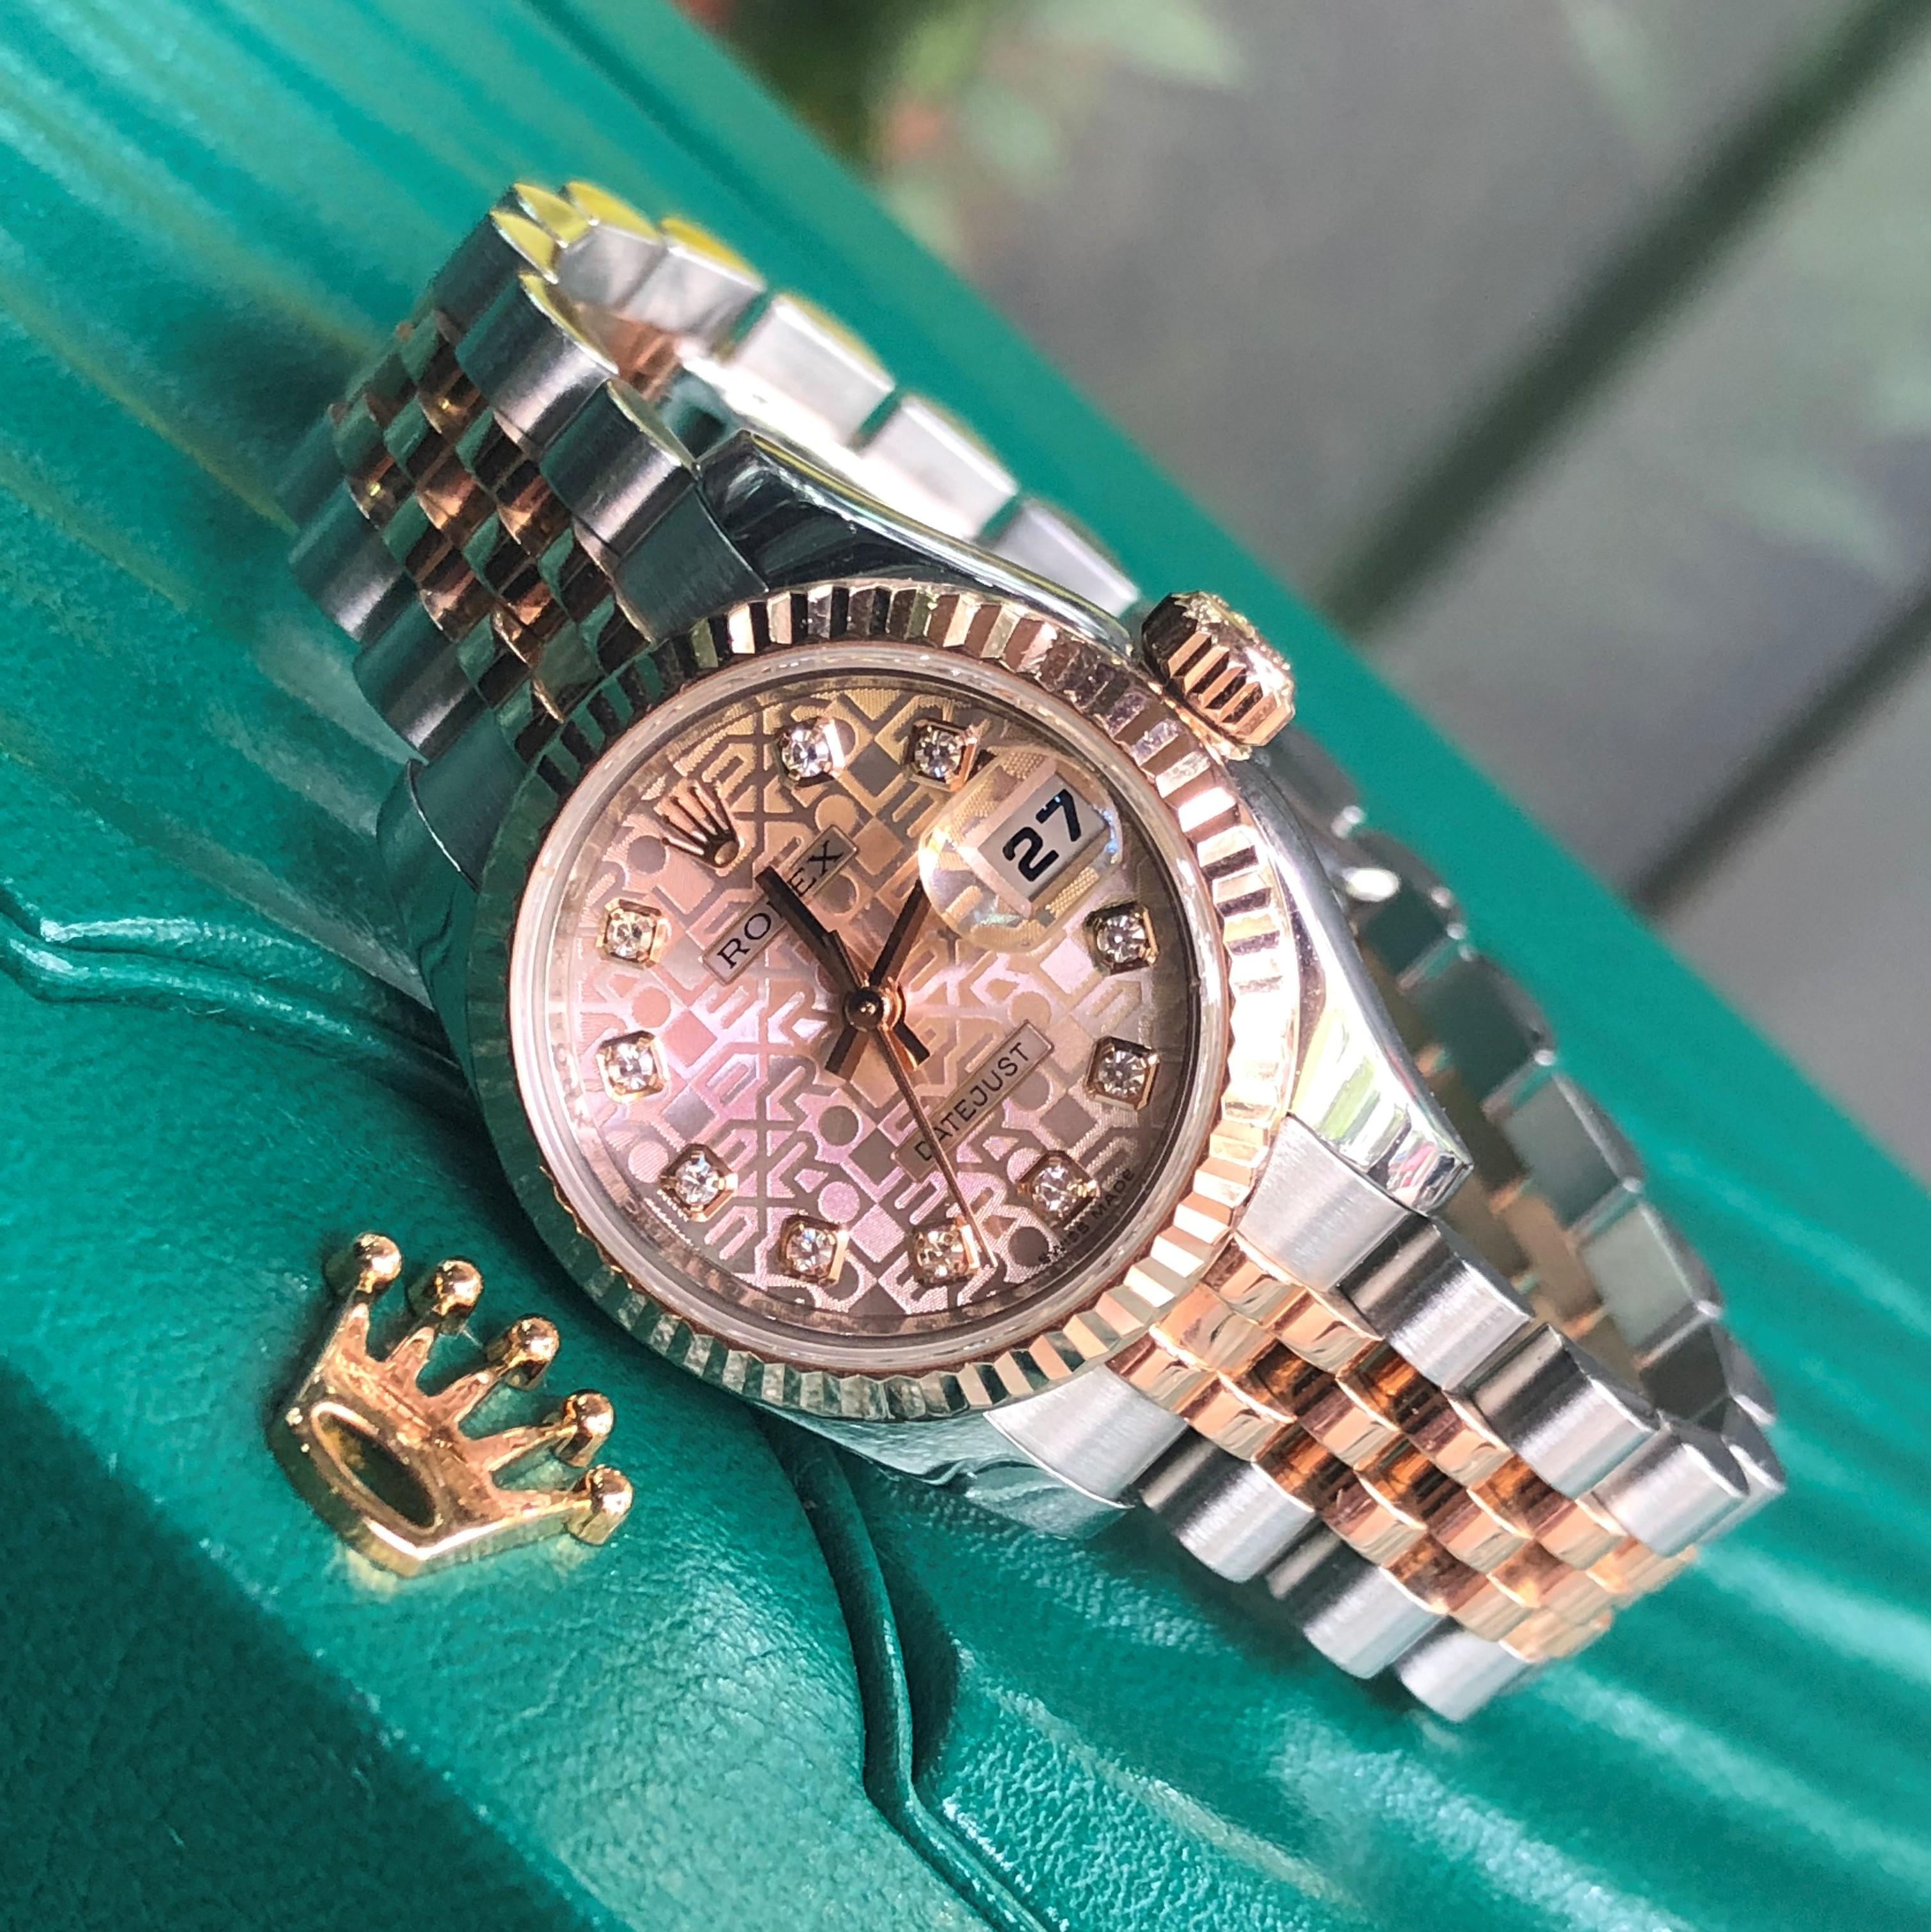 Rolex 179171 mặt vi tính demi vàng hồng 18k Fullbox 2014